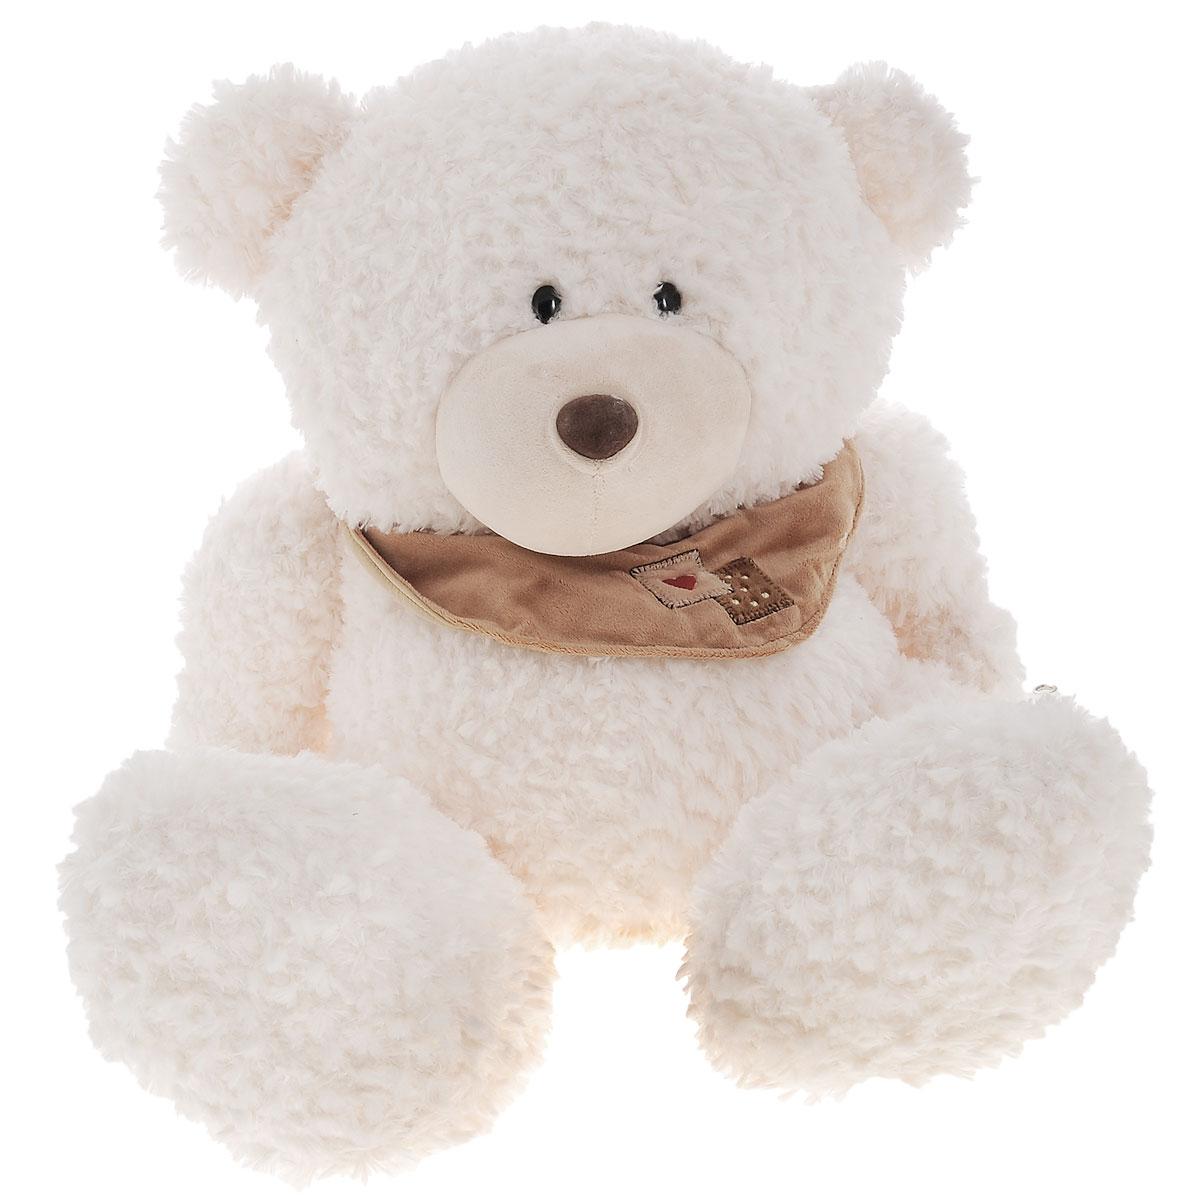 Plush Apple Мягкая игрушка Медведь с шарфом, 50 см мягкая игрушка plush apple собака с шарфом 28 см